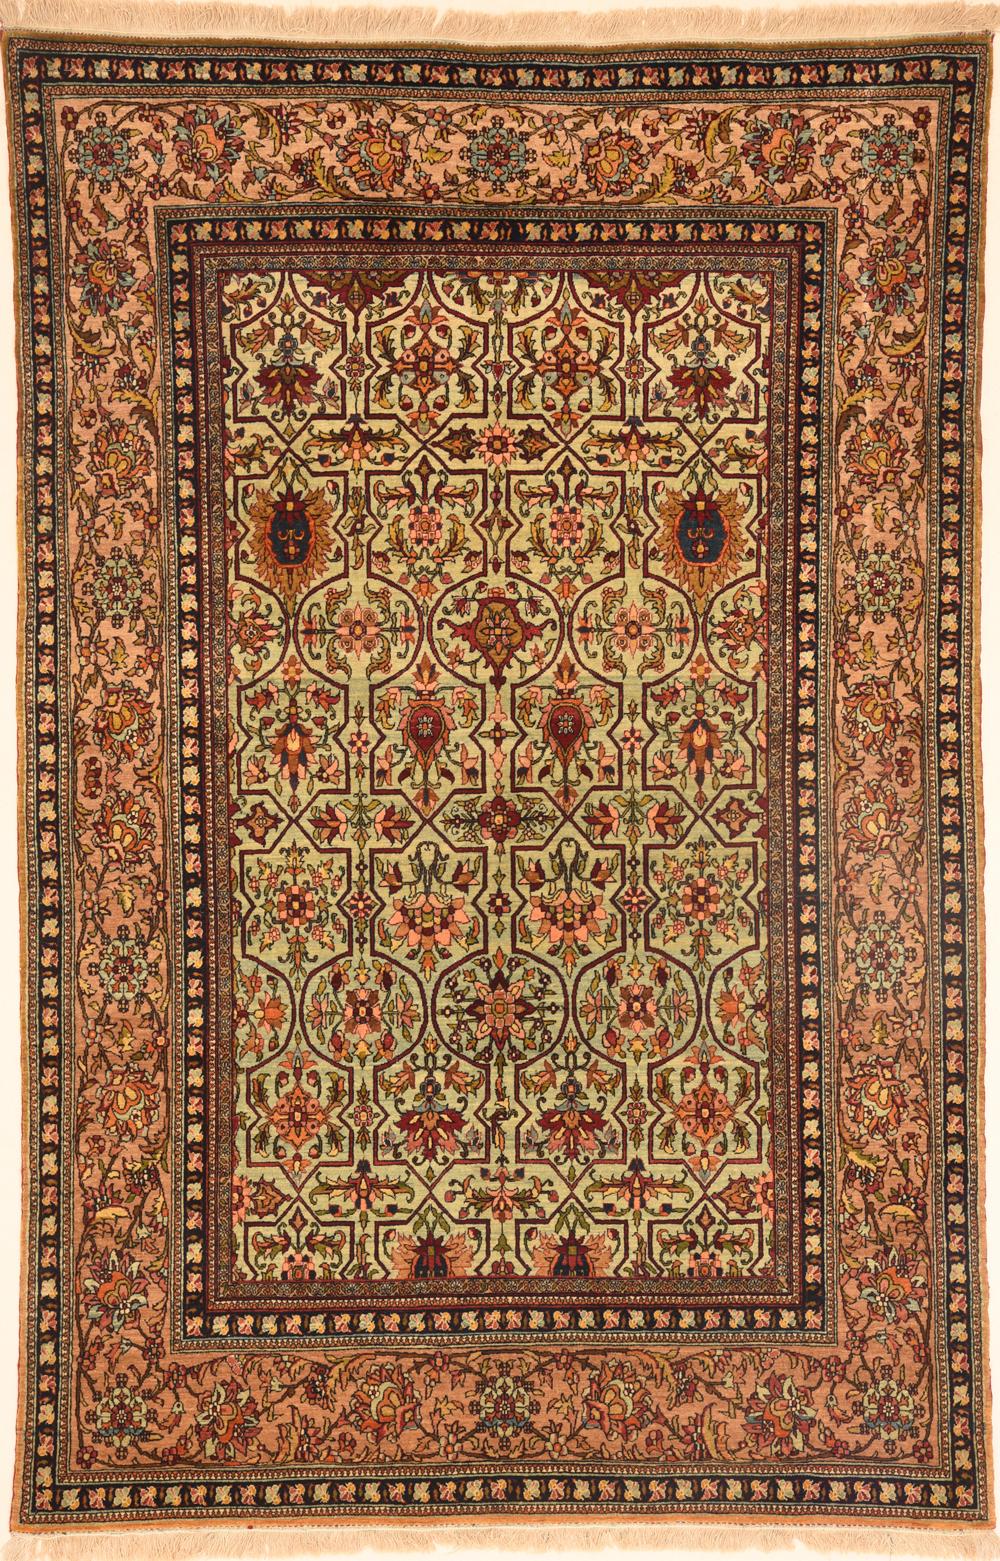 Isfahan 4 8 X 7 1